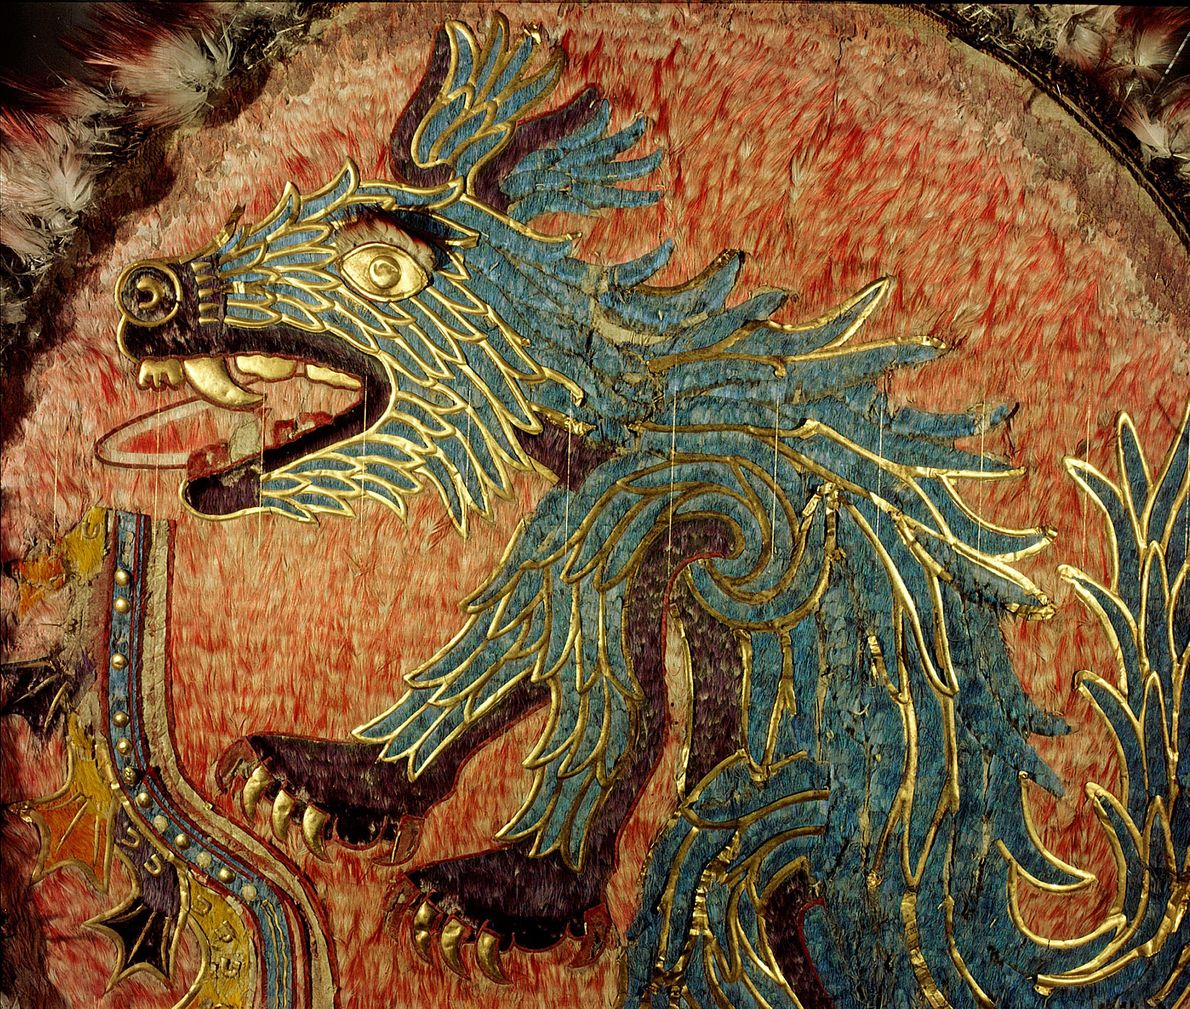 La créature bleue serrant dans sa gueule un poignard qui décore ce bouclier de cérémonie en ...